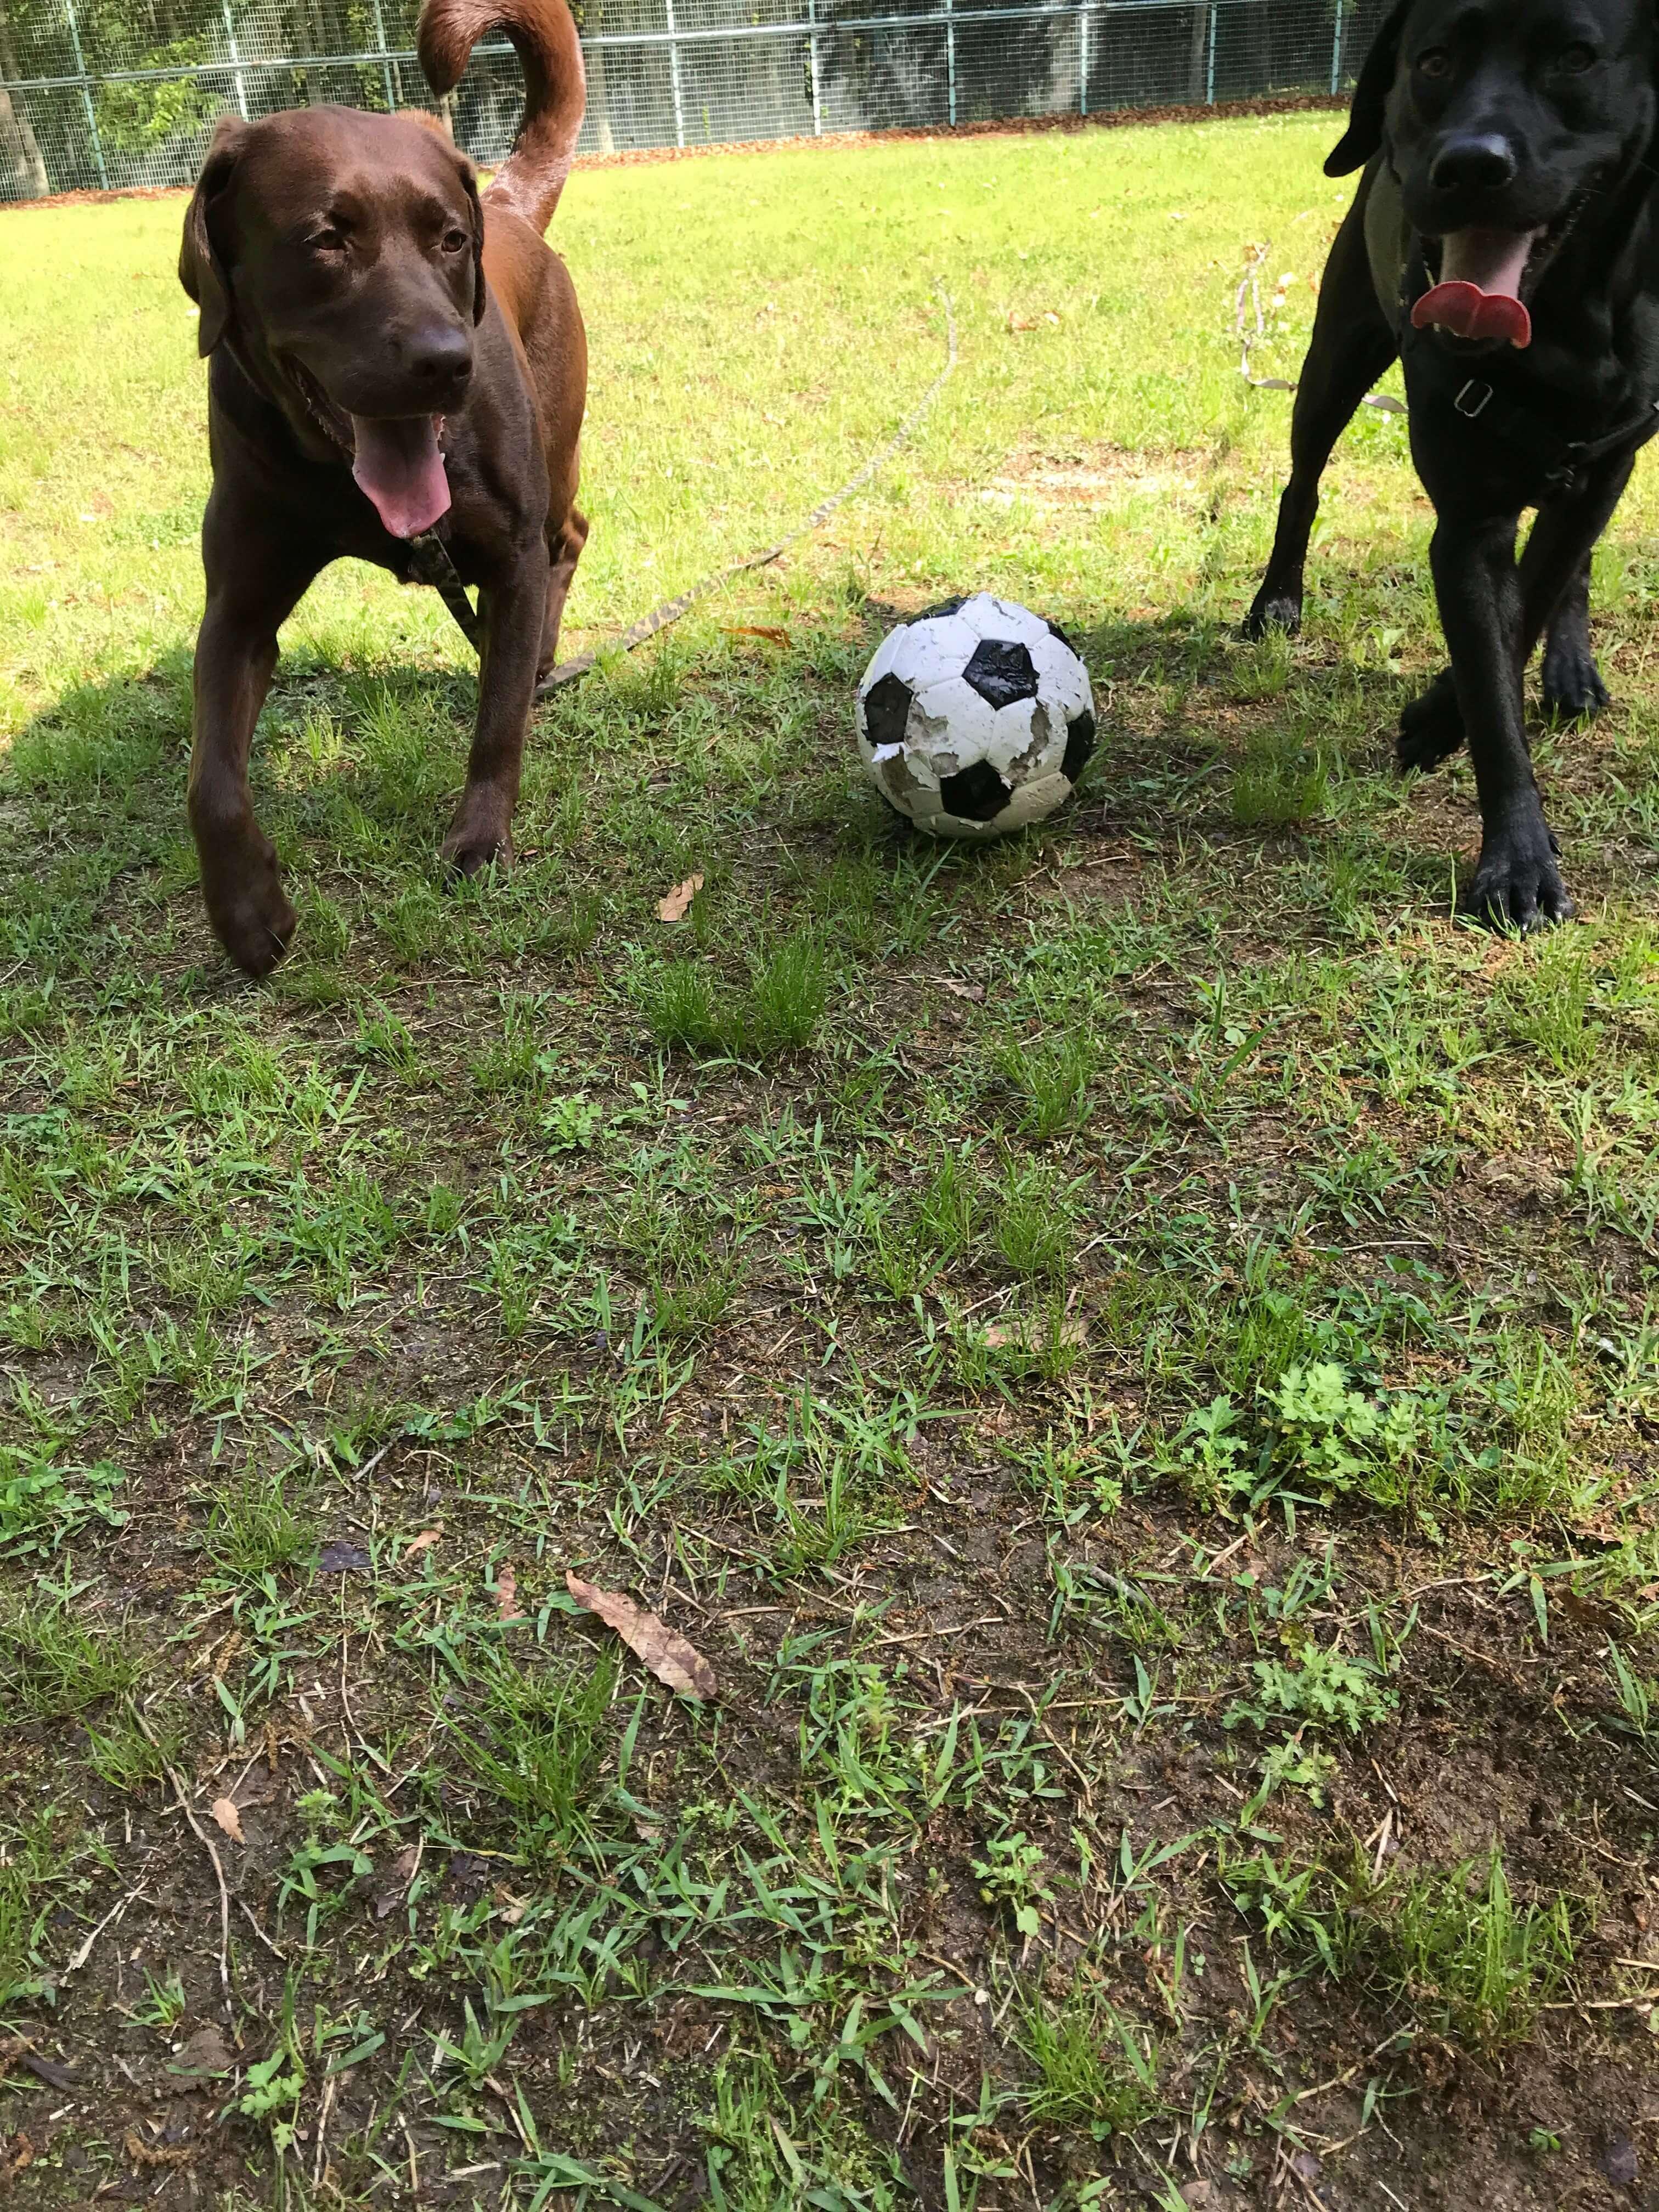 サッカーボールで遊ぶチョコレートのラブラドールレトリバーと黒のラブラドールレトリバー